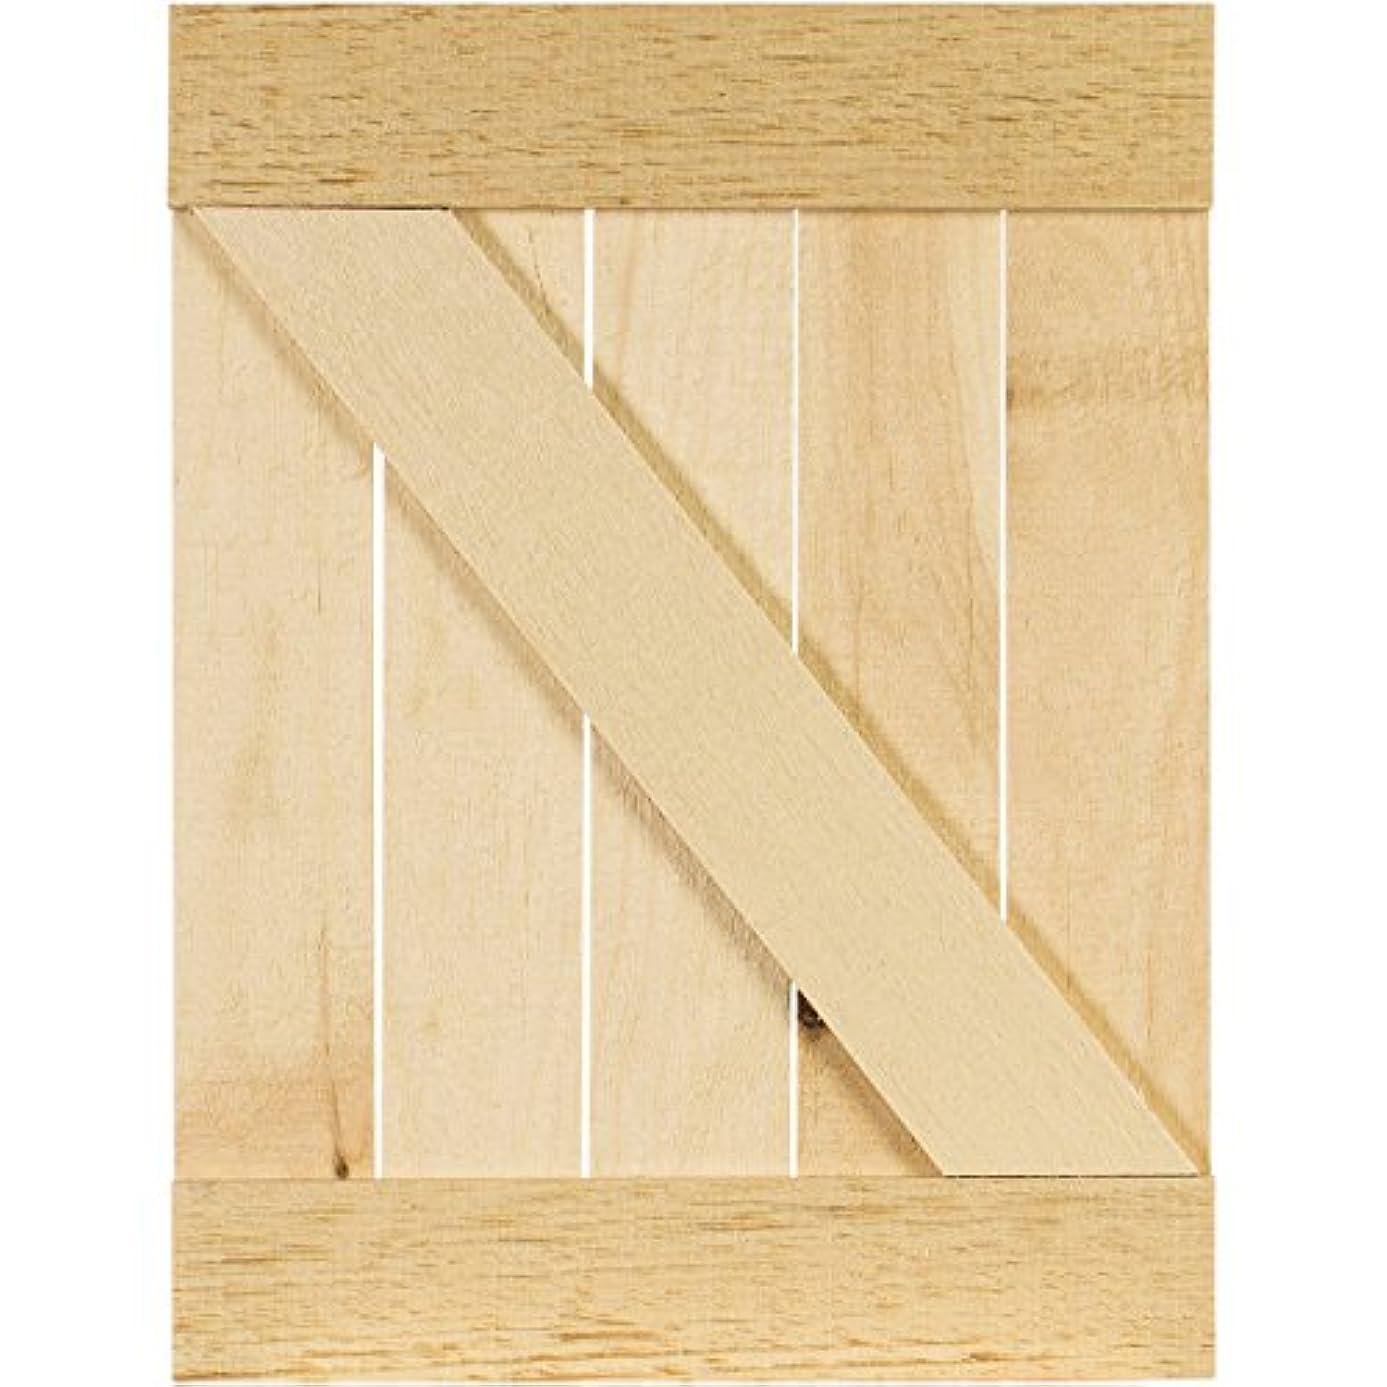 Rustic Pallet Door-12.875x17.125x.625